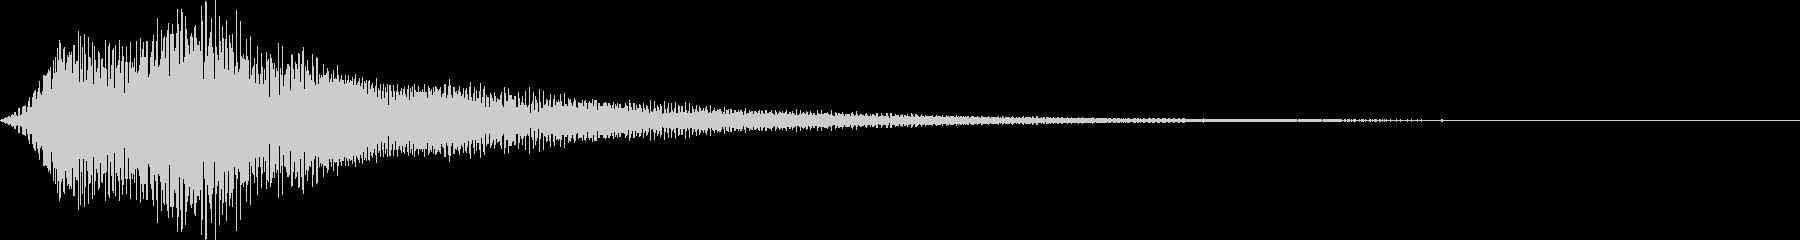 ボタン・操作音7の未再生の波形